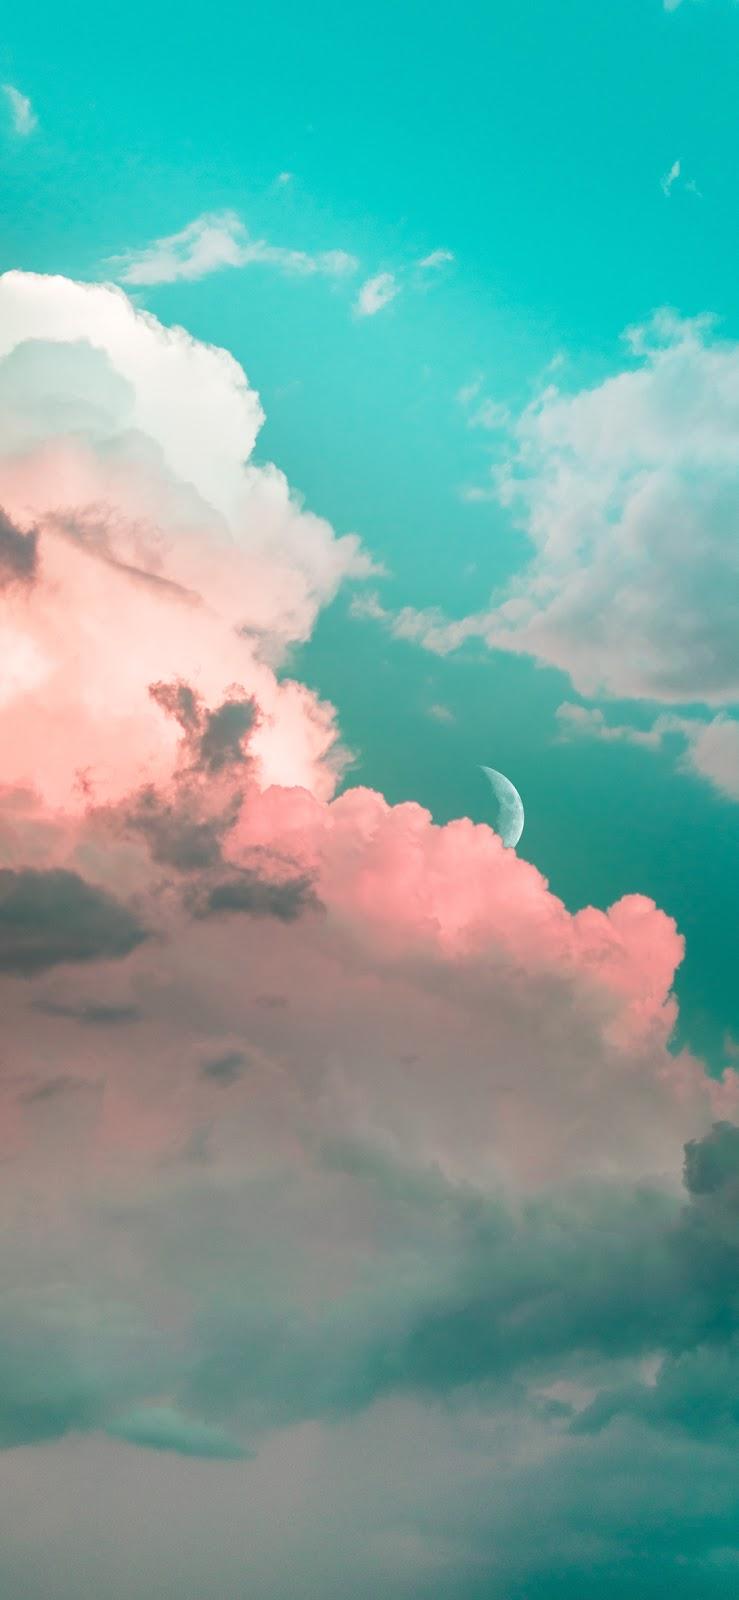 In the night sky (iPhone X)